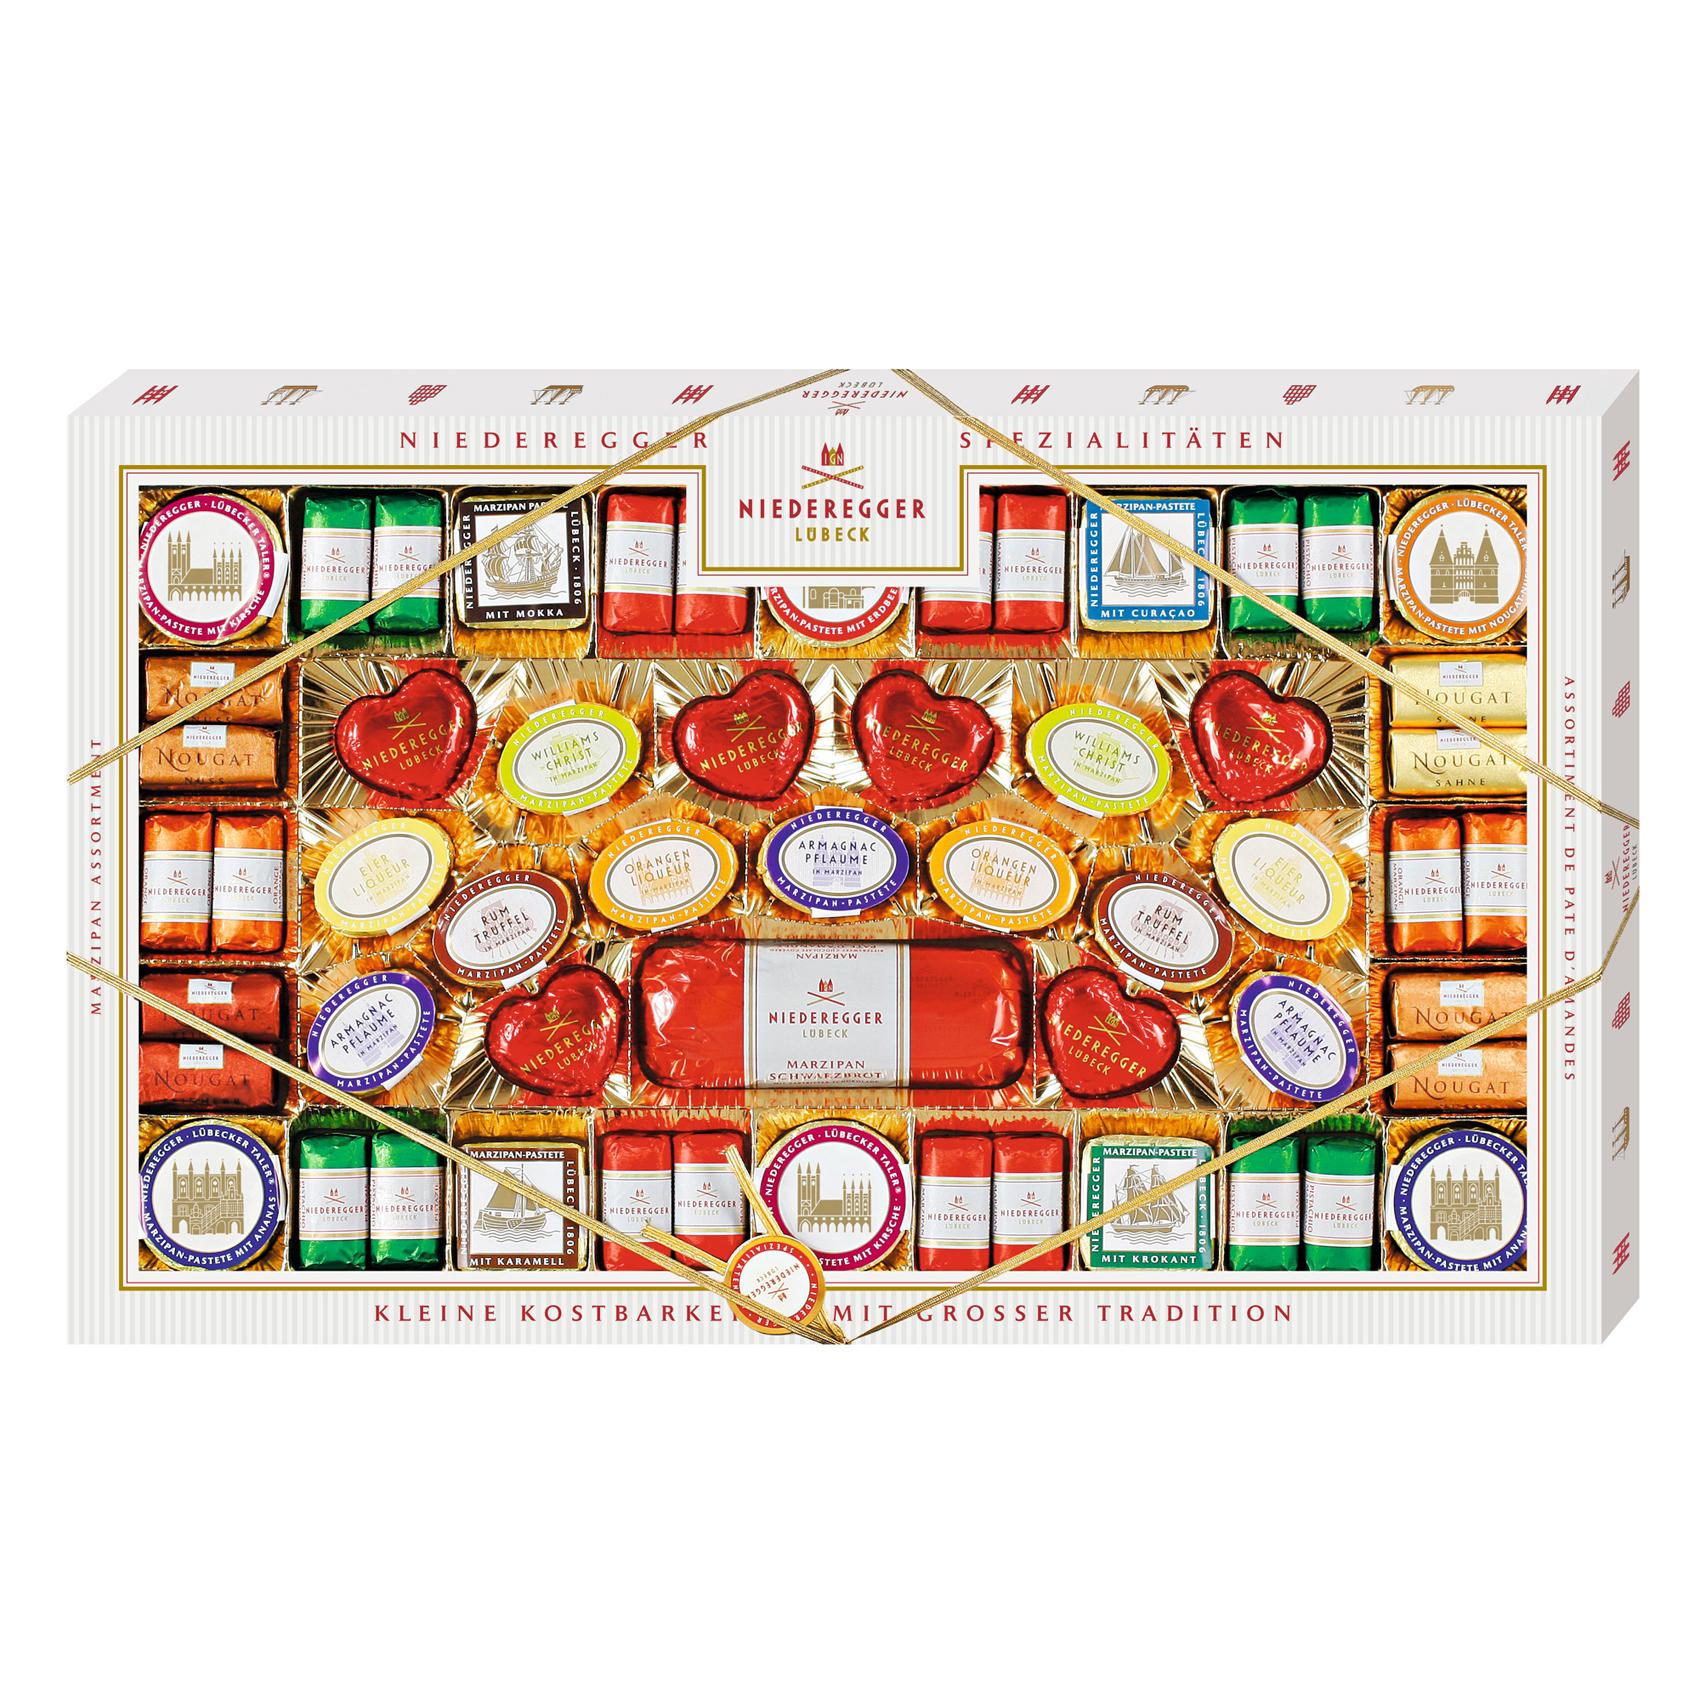 niederegger marzipan sortiment travem nde 1000g online kaufen im world of sweets shop. Black Bedroom Furniture Sets. Home Design Ideas